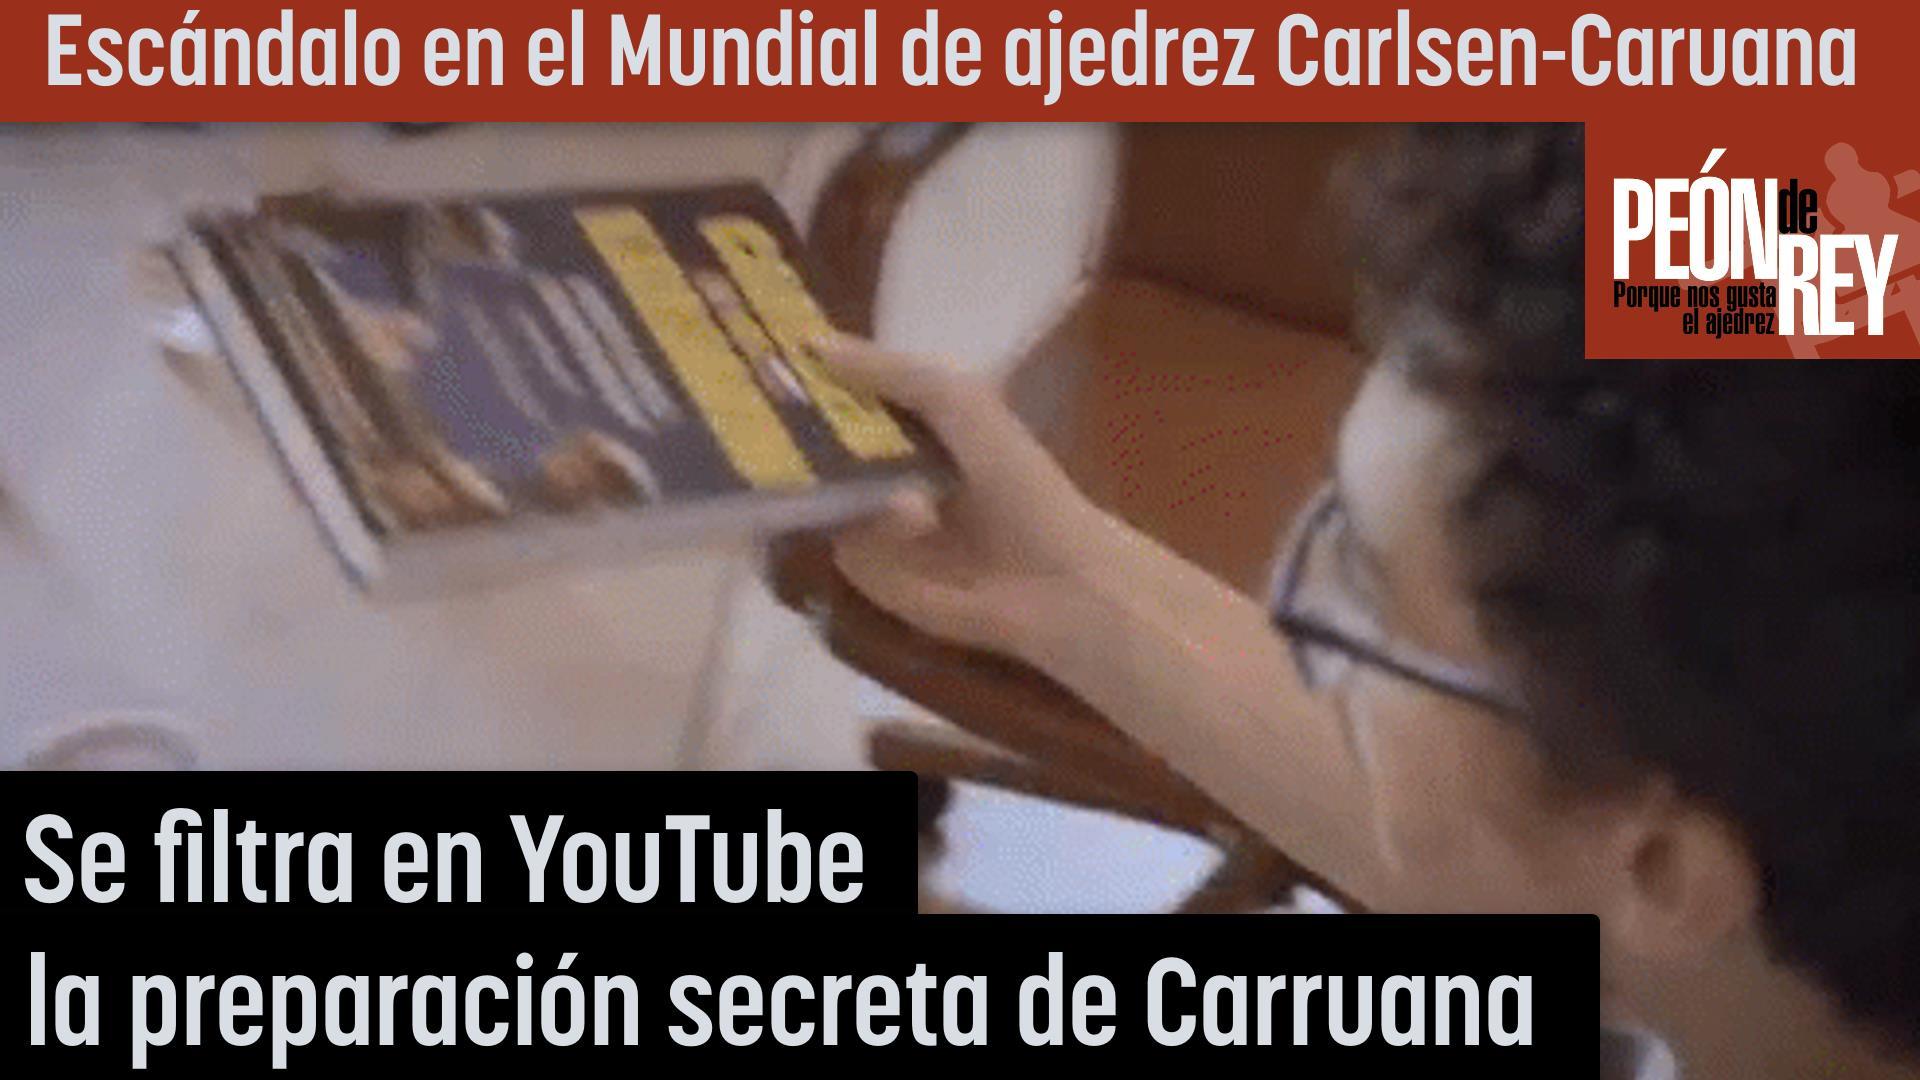 Escándalo en el Mundial de ajedrez Carlsen - Caruana